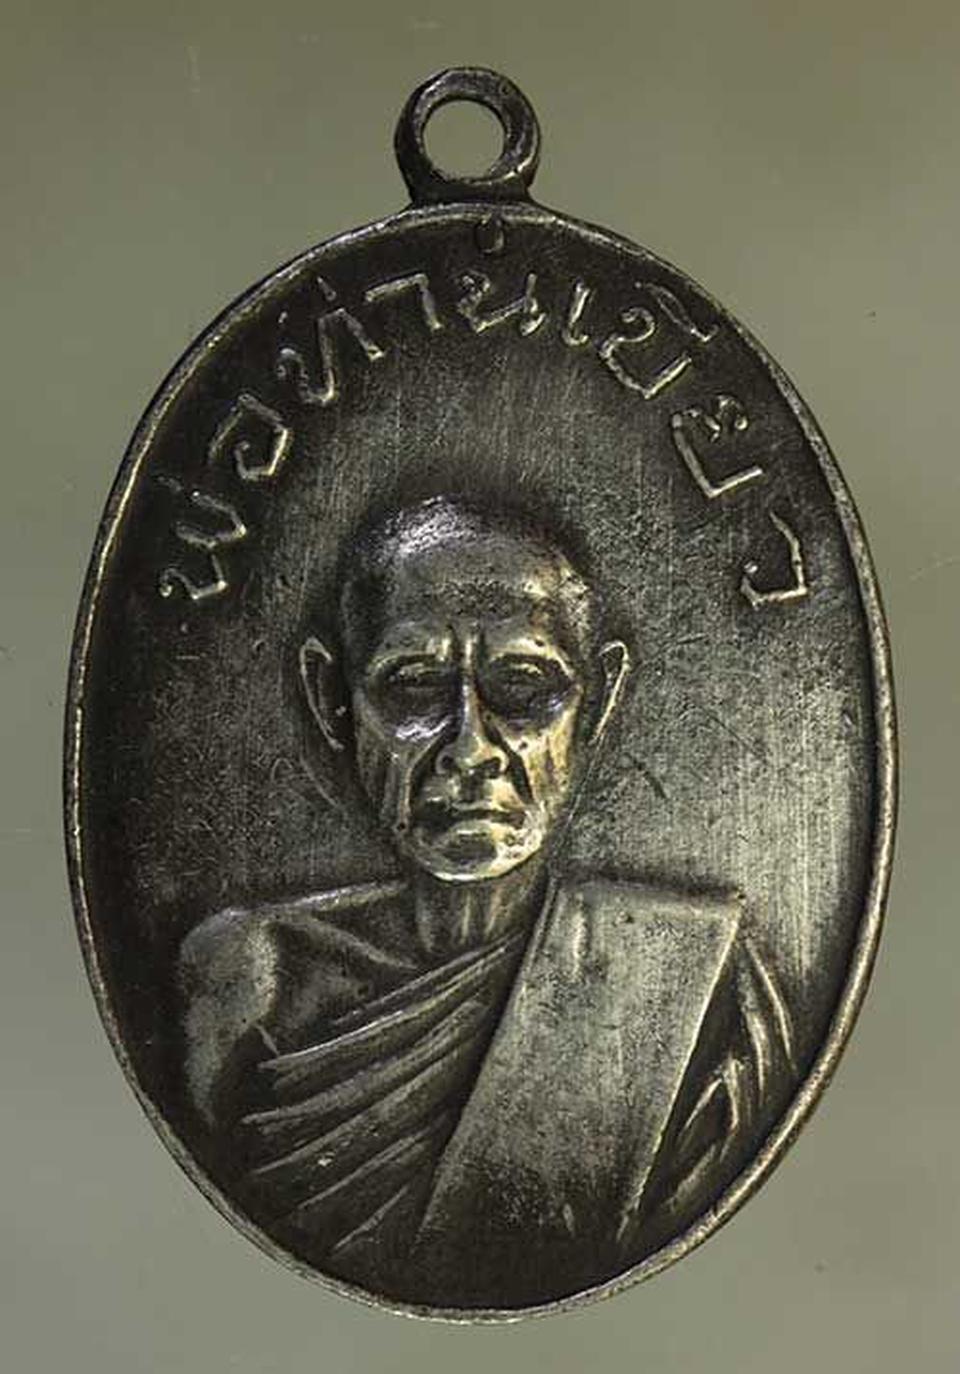 เหรียญ พ่อท่านเขียว วัดหรงบล เนื้อเงิน  j91 รูปที่ 2